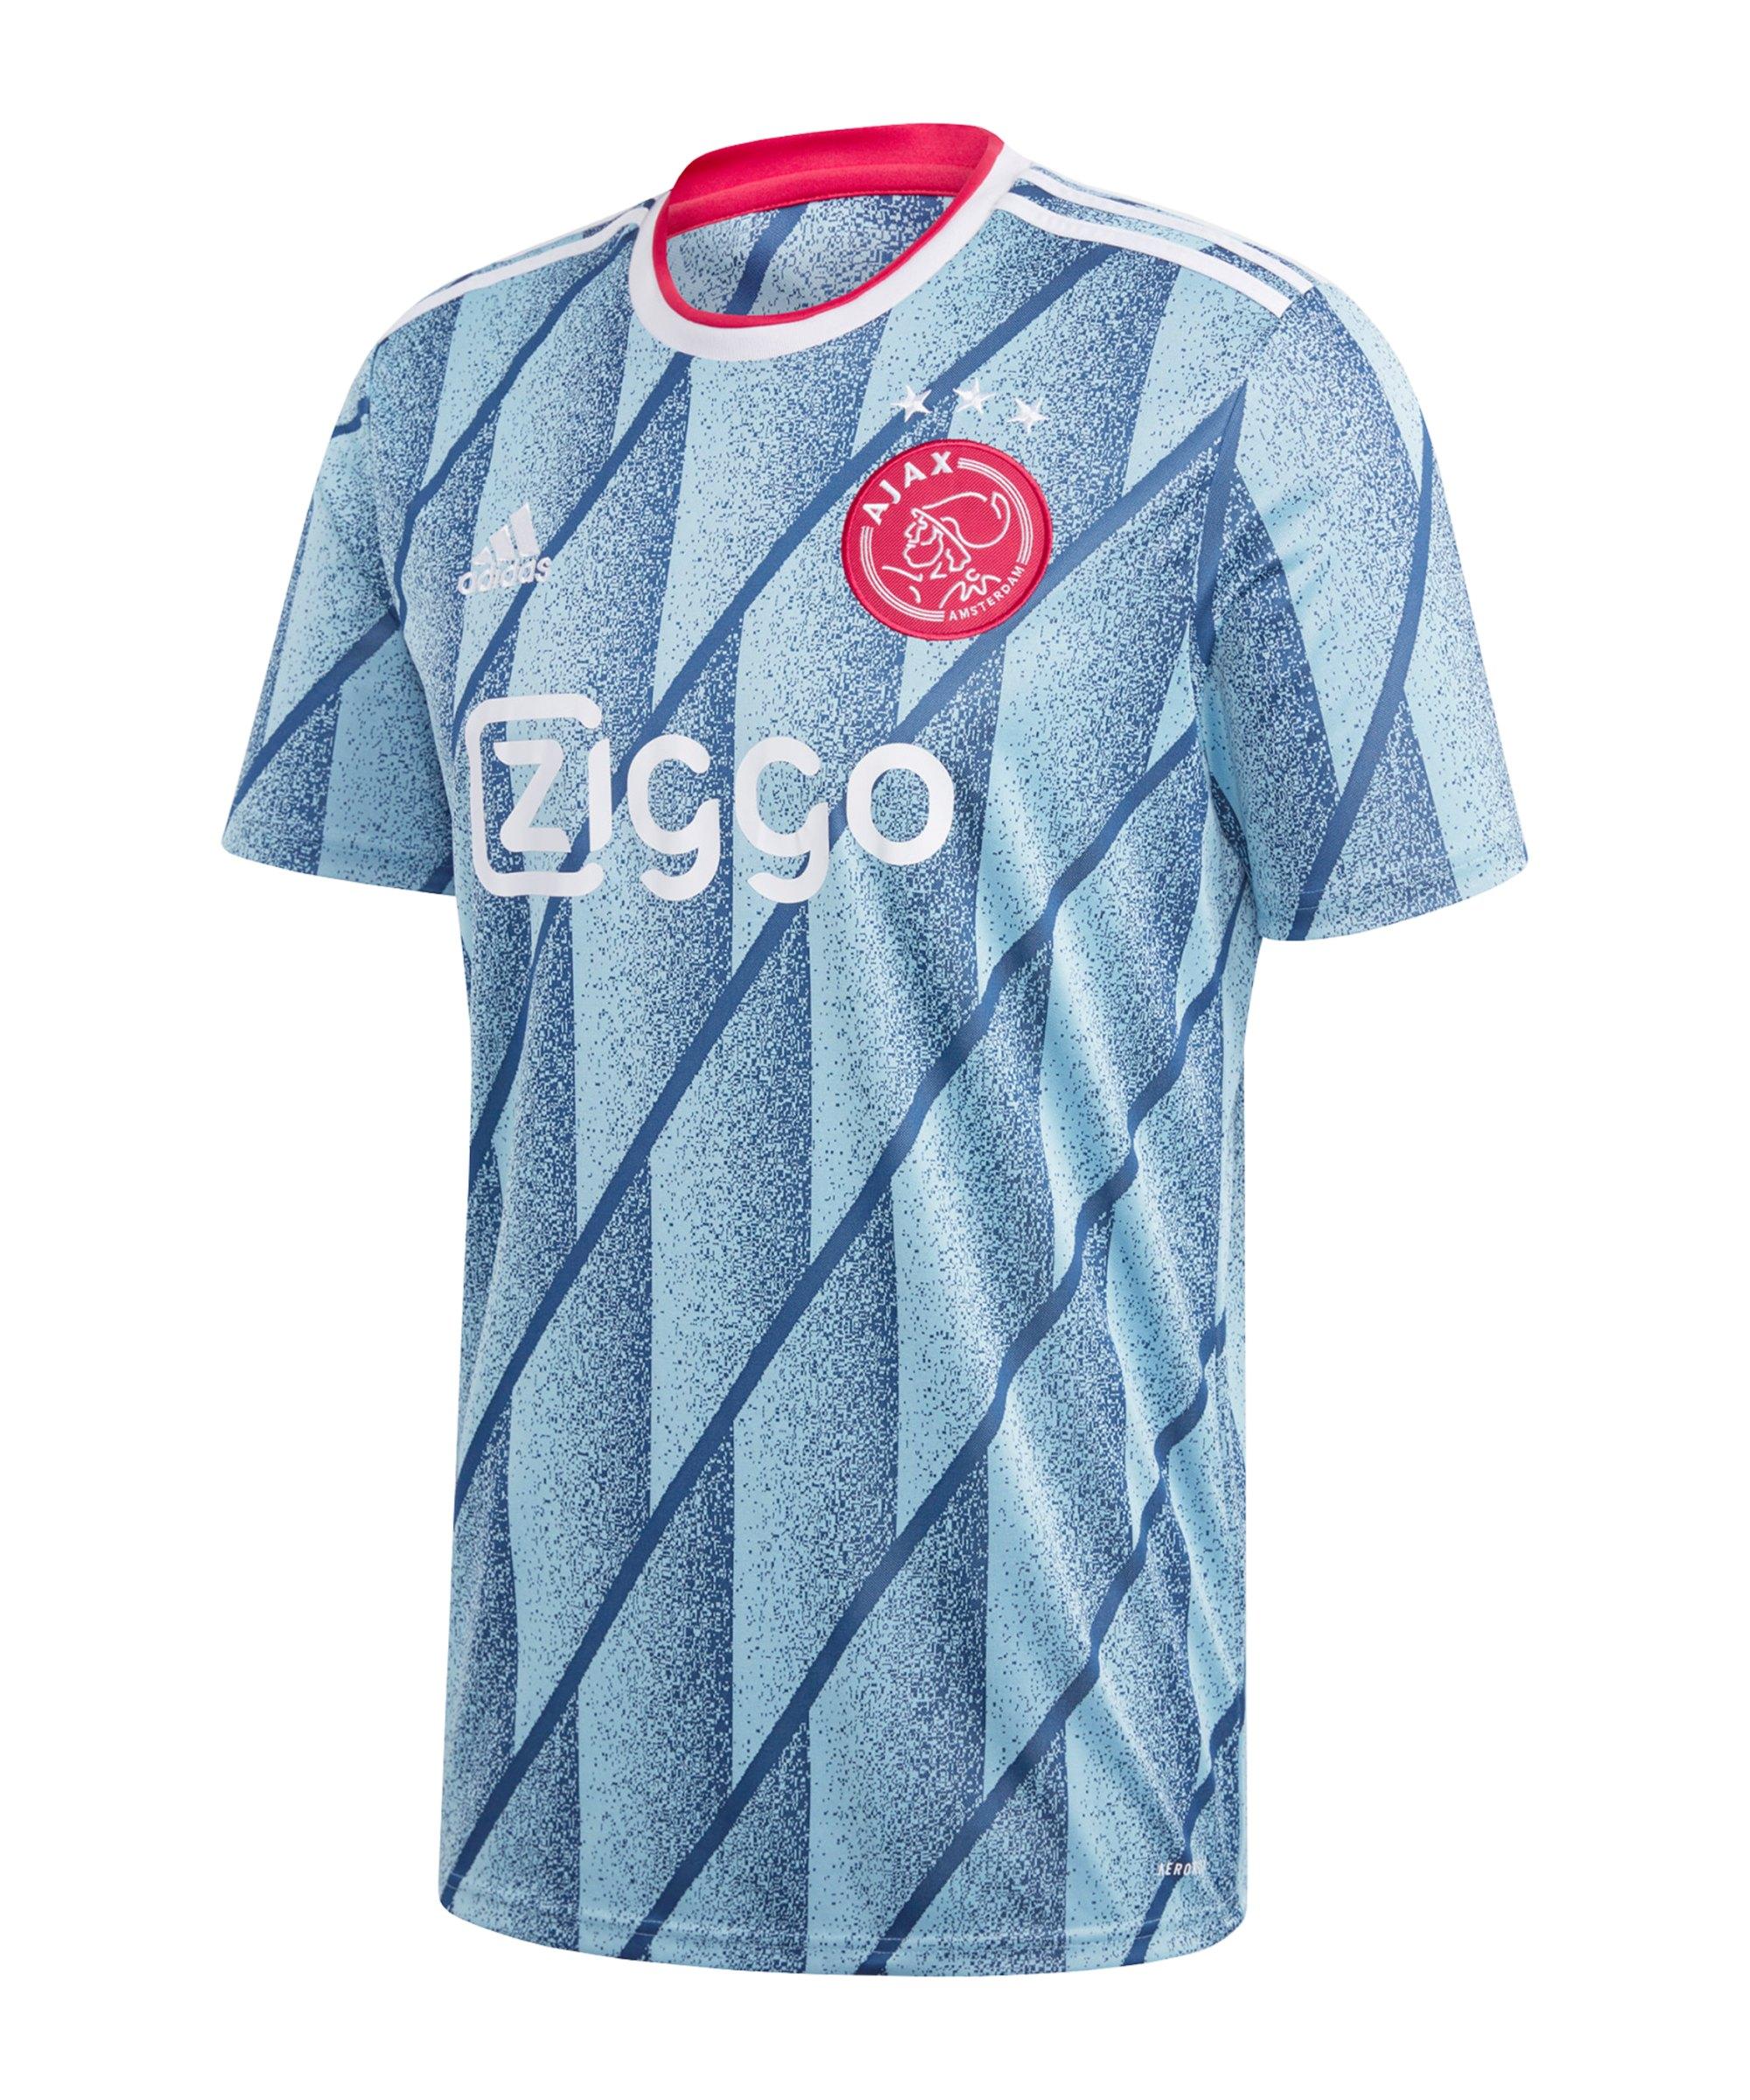 adidas Ajax Amsterdam Trikot Away 2020/2021 Blau - blau